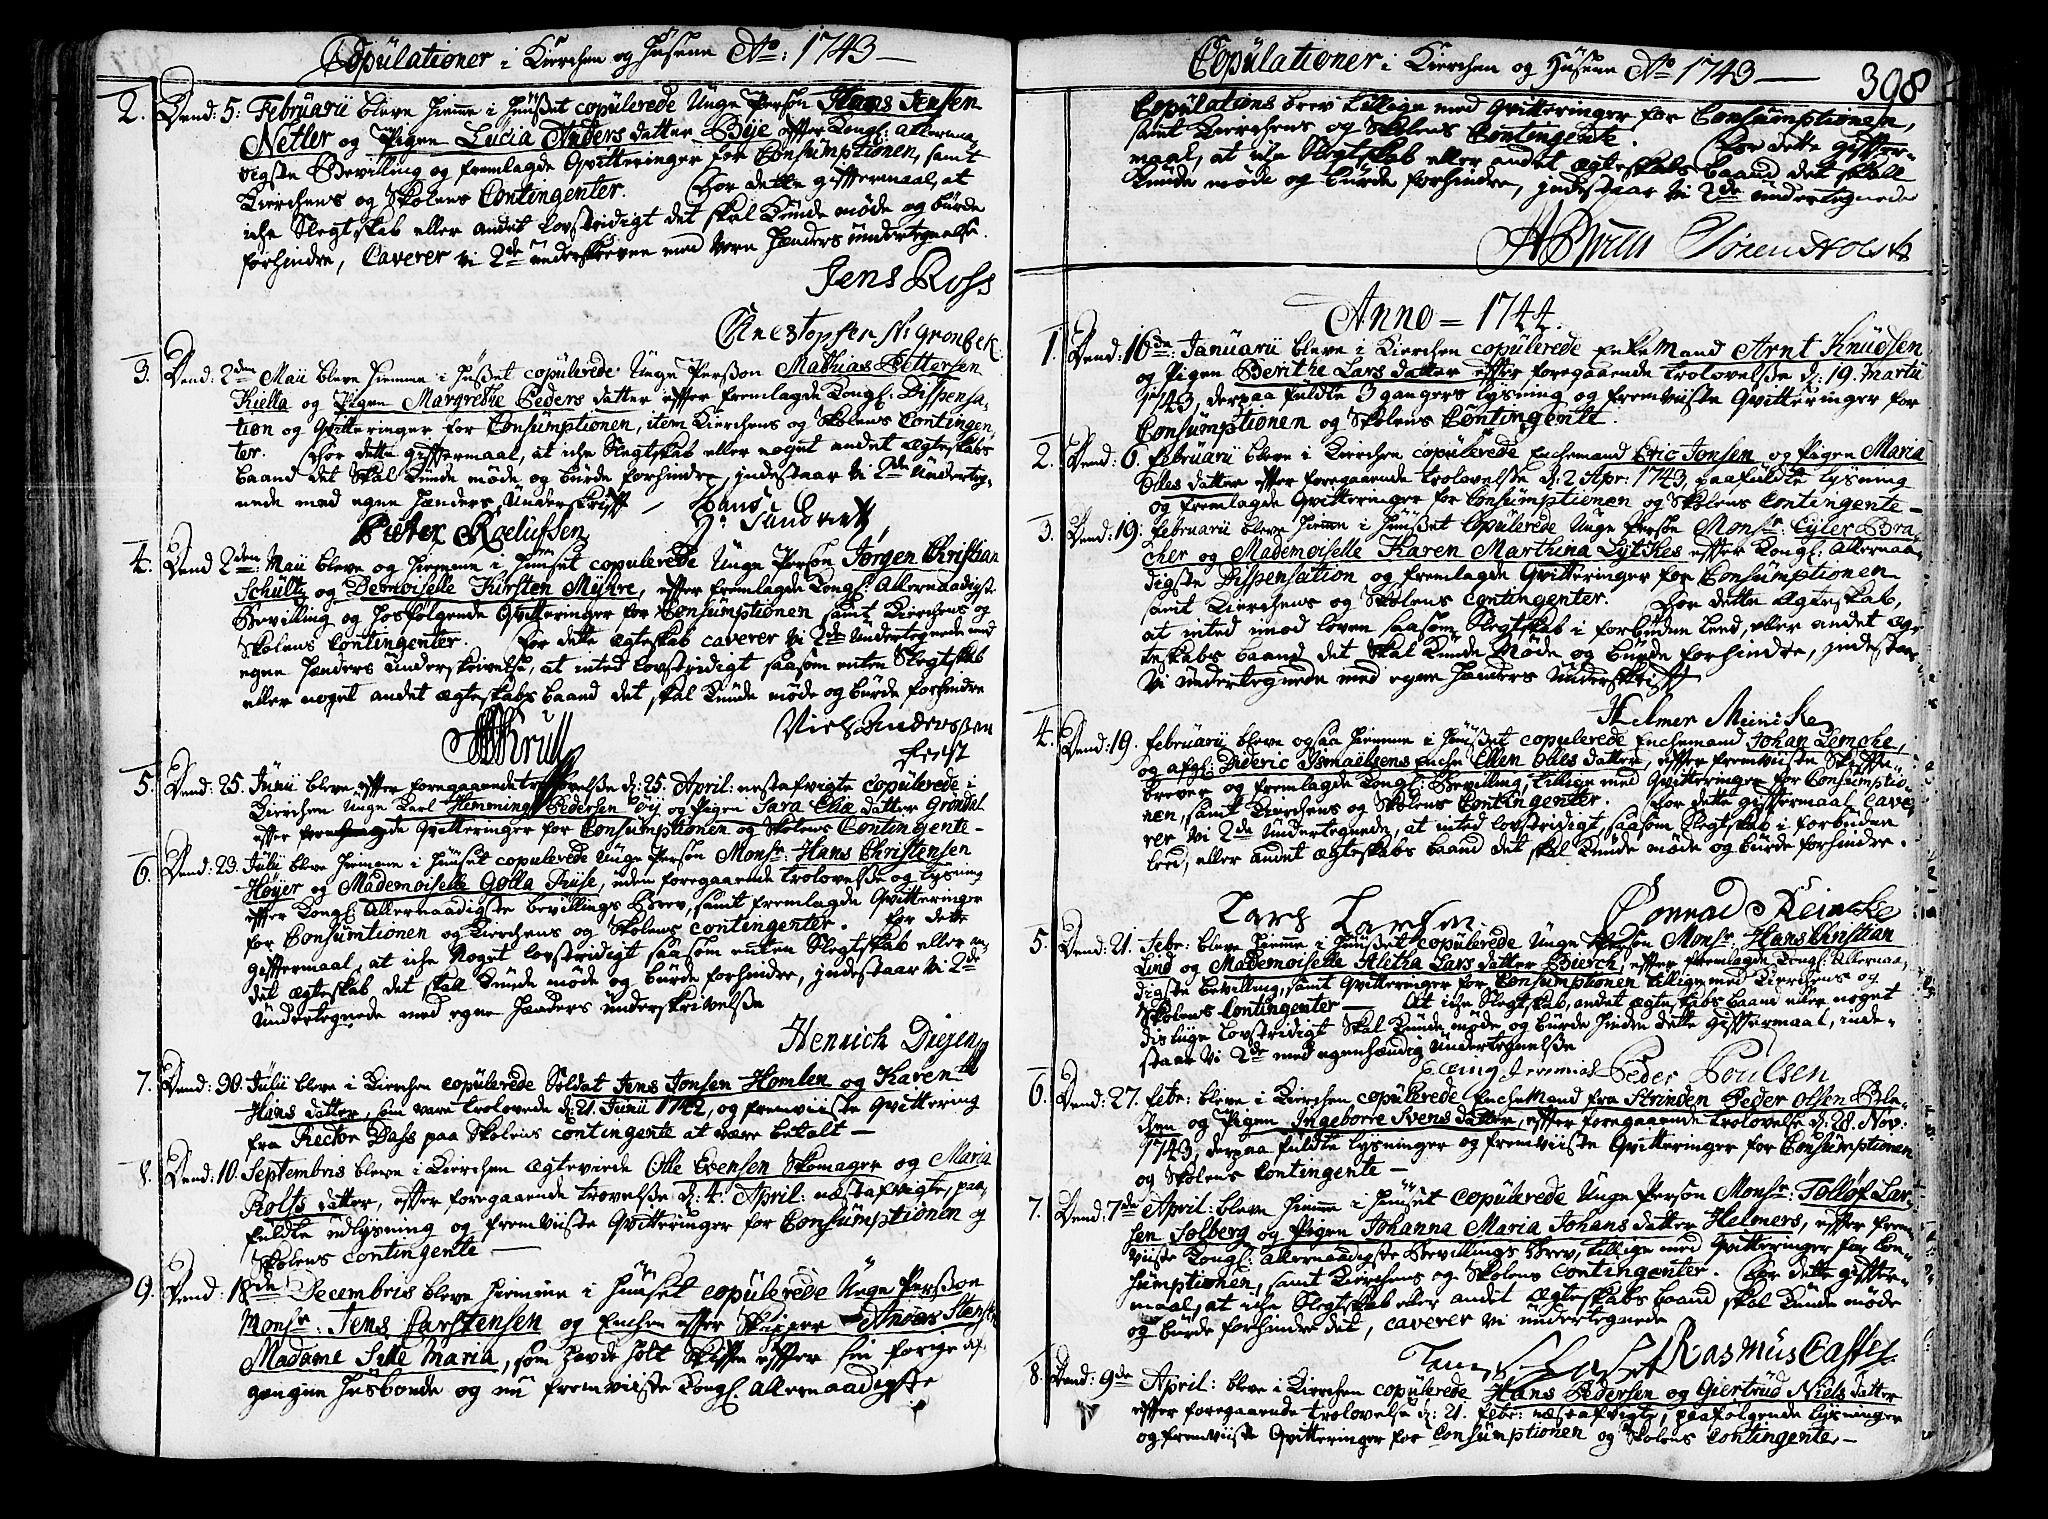 SAT, Ministerialprotokoller, klokkerbøker og fødselsregistre - Sør-Trøndelag, 602/L0103: Ministerialbok nr. 602A01, 1732-1774, s. 398